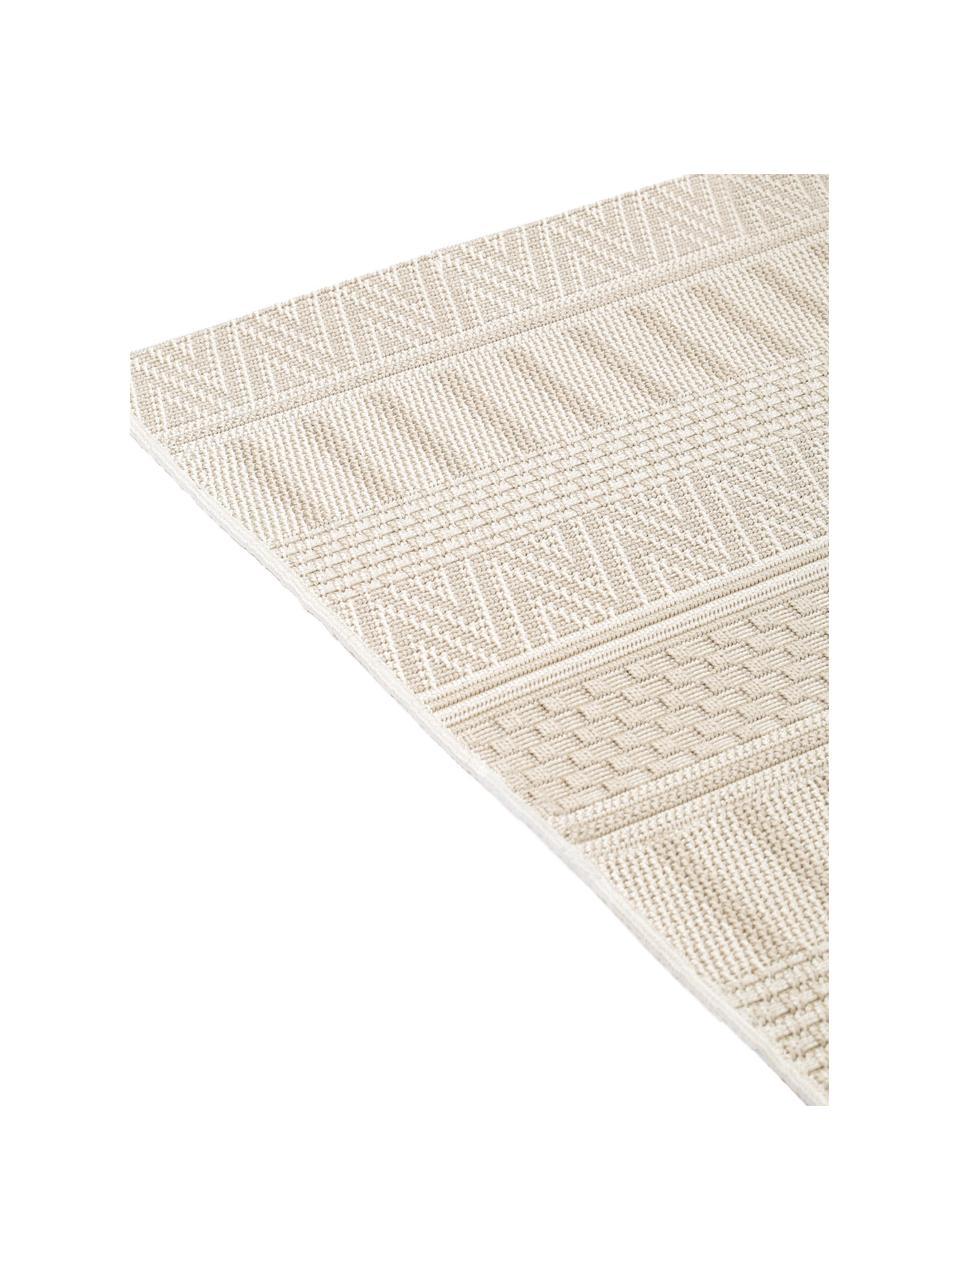 Dywan wewnętrzny/zewnętrzny w stylu etno Naoto, 100% polipropylen, Kremowy, jasny beżowy, S 200 x D 290 cm (Rozmiar L)